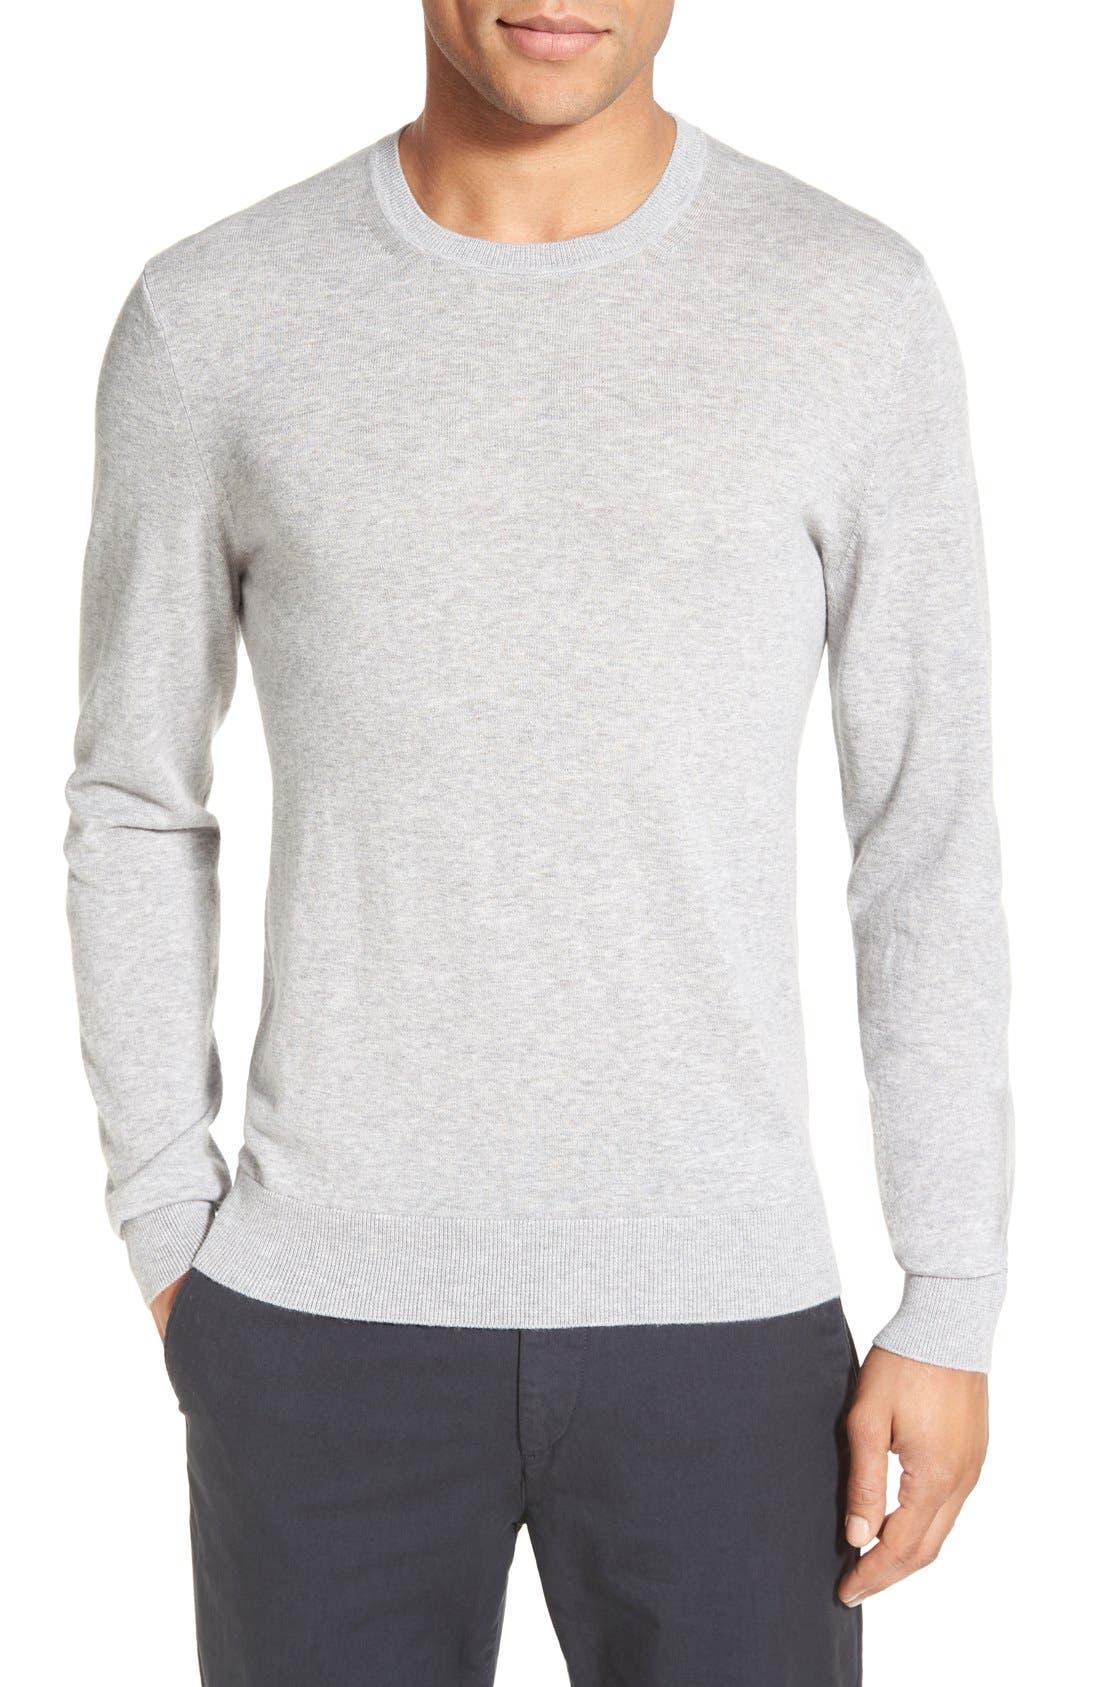 Brit Richmond Cotton & Cashmere Sweater,                         Main,                         color, Pale Grey Melange